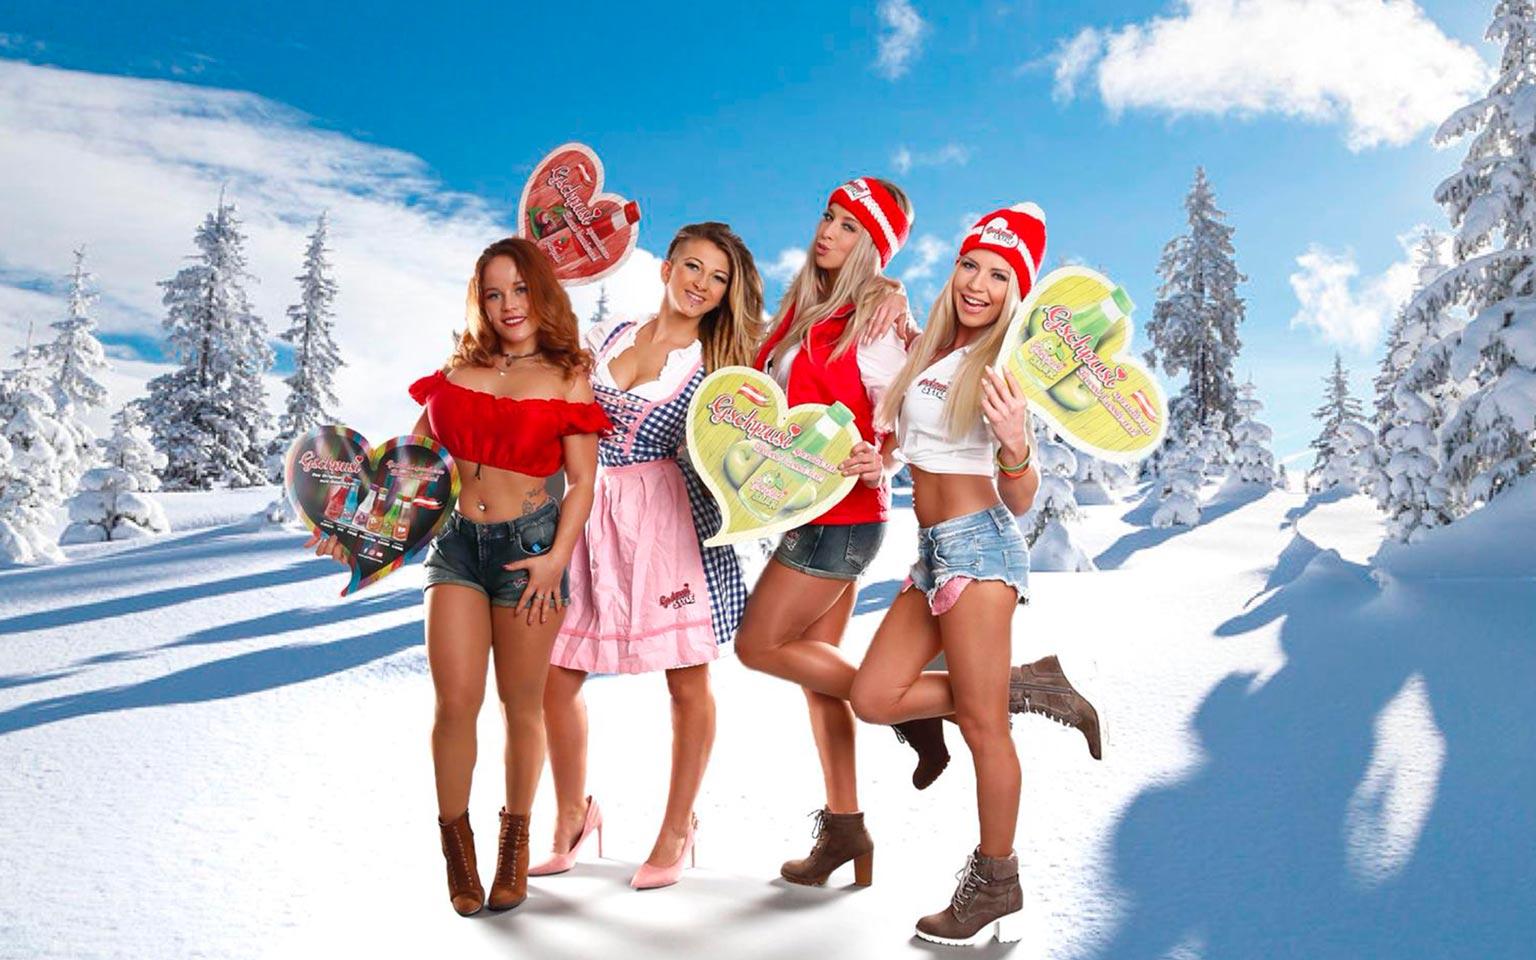 Künstler im Schnee mit Gspusi Aktion Thema Apres Ski